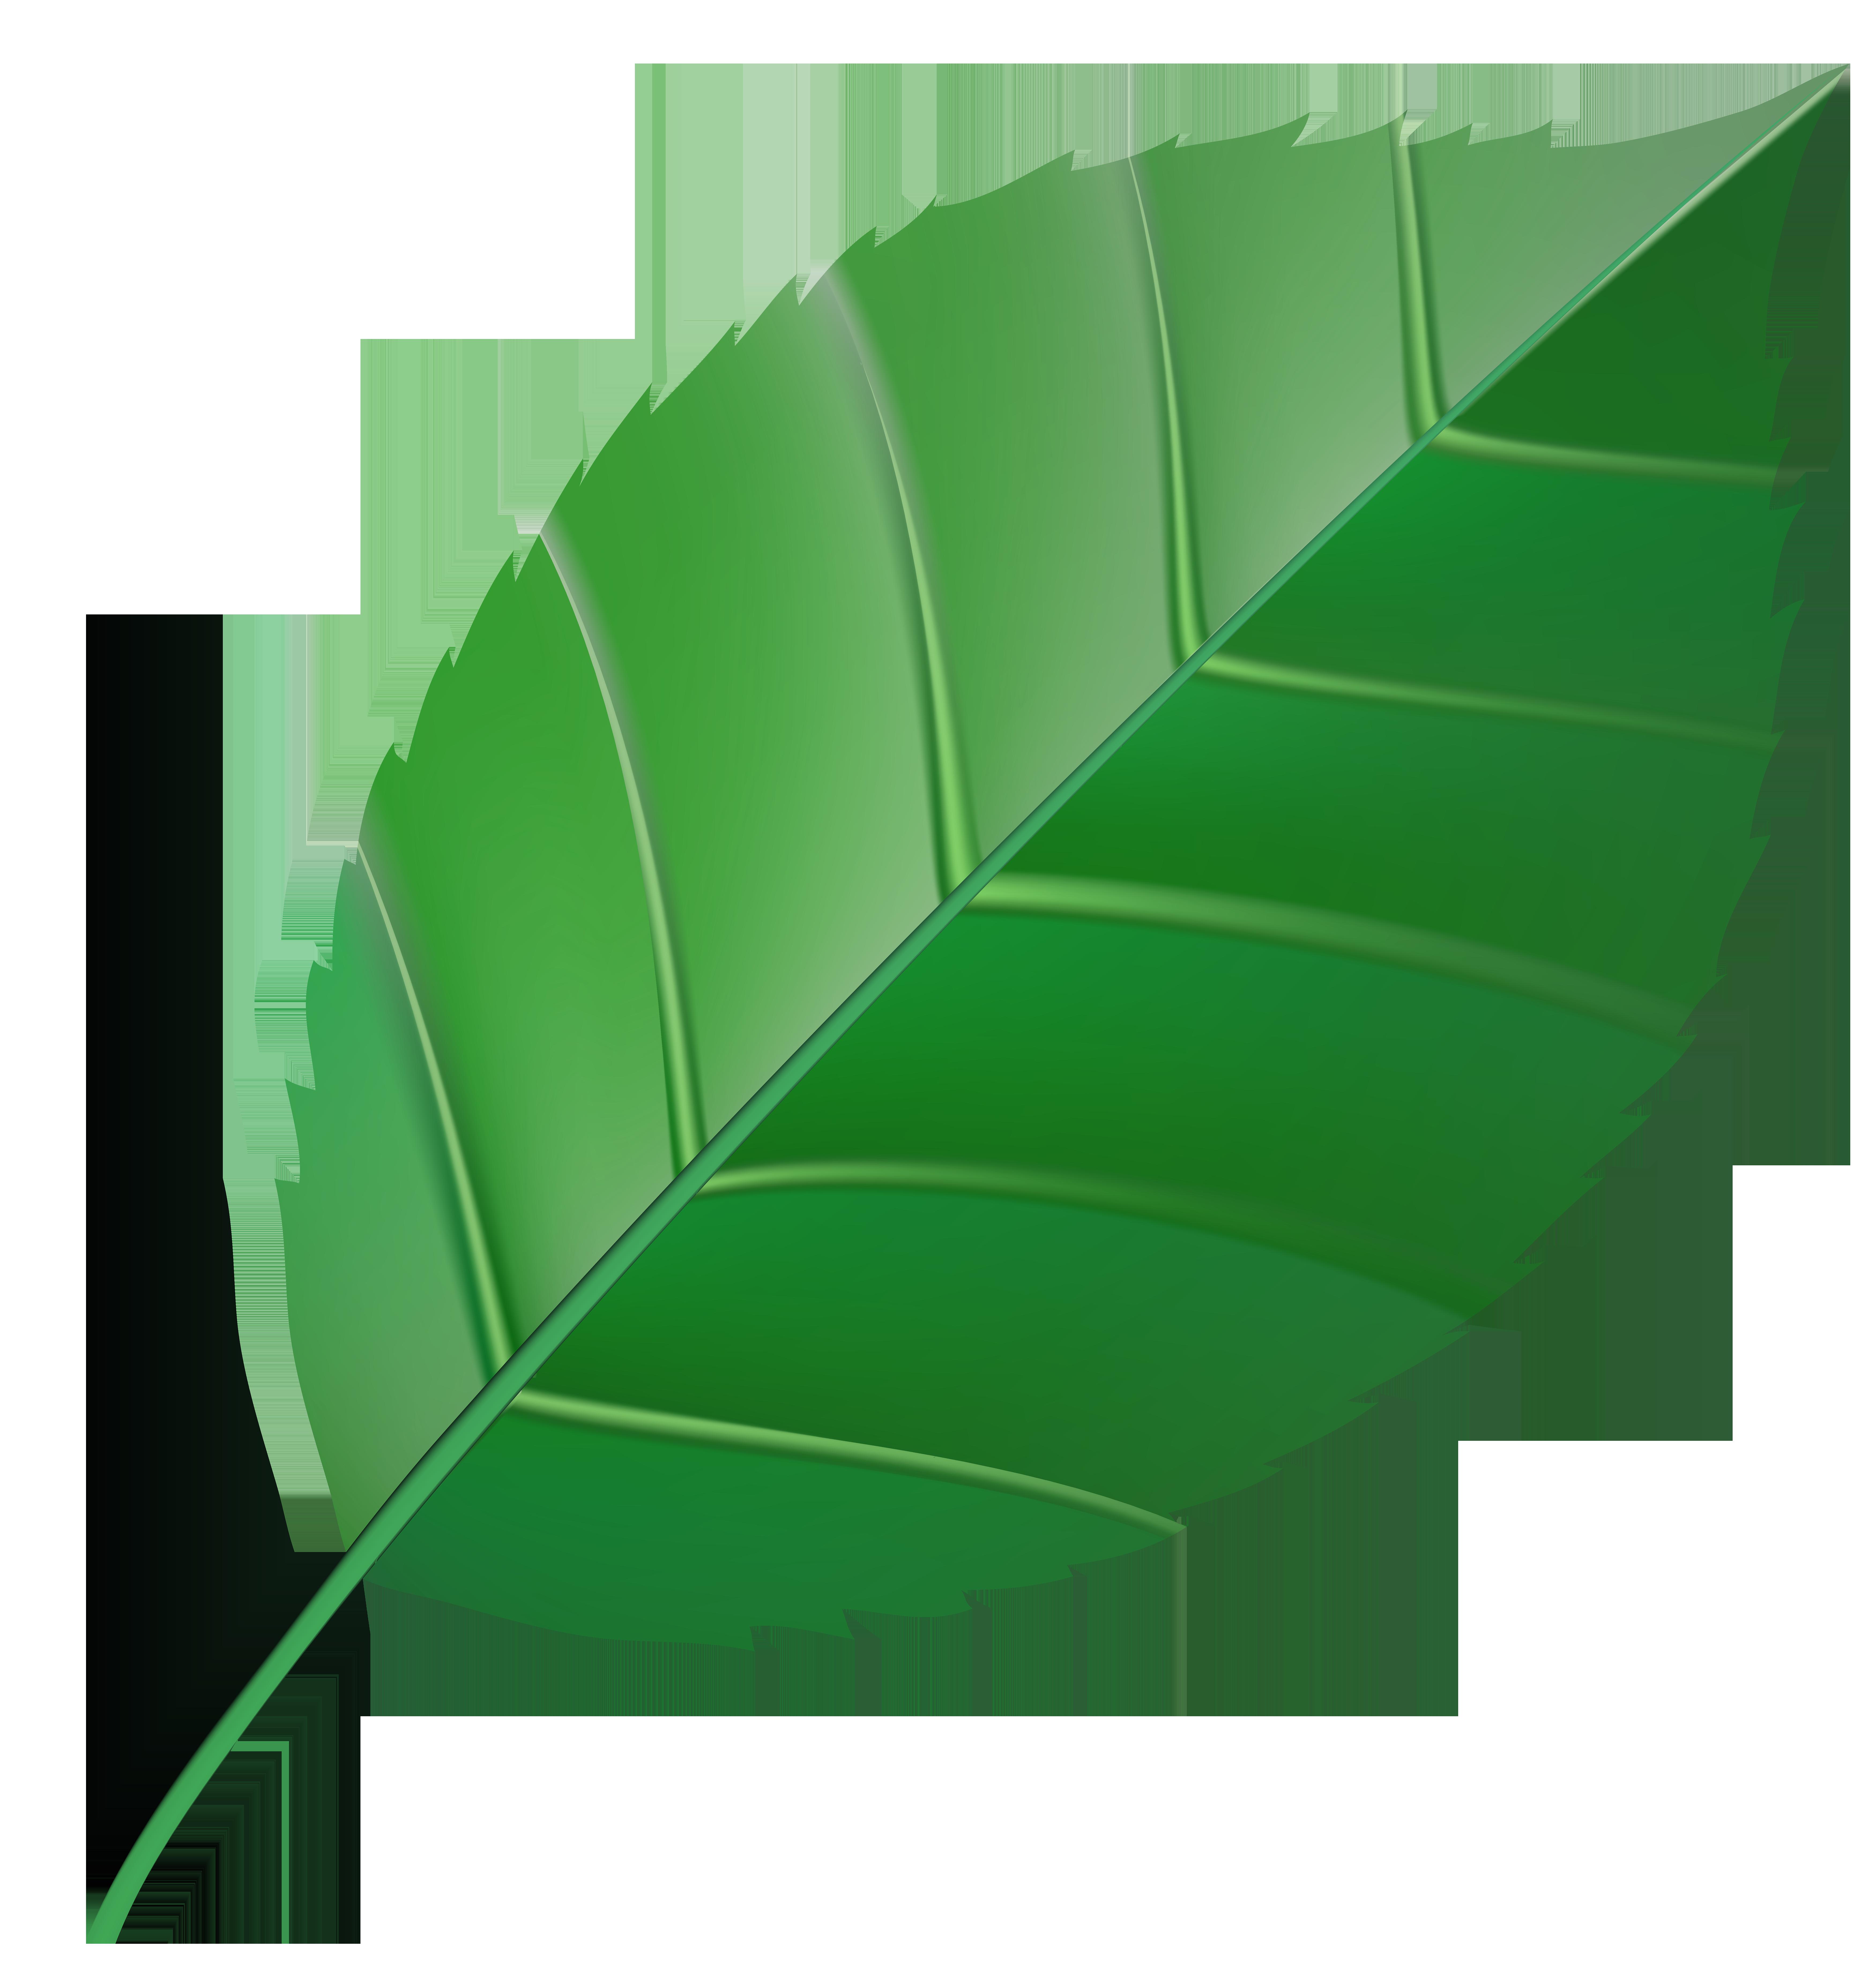 Green transparent clip art. Leaf clipart